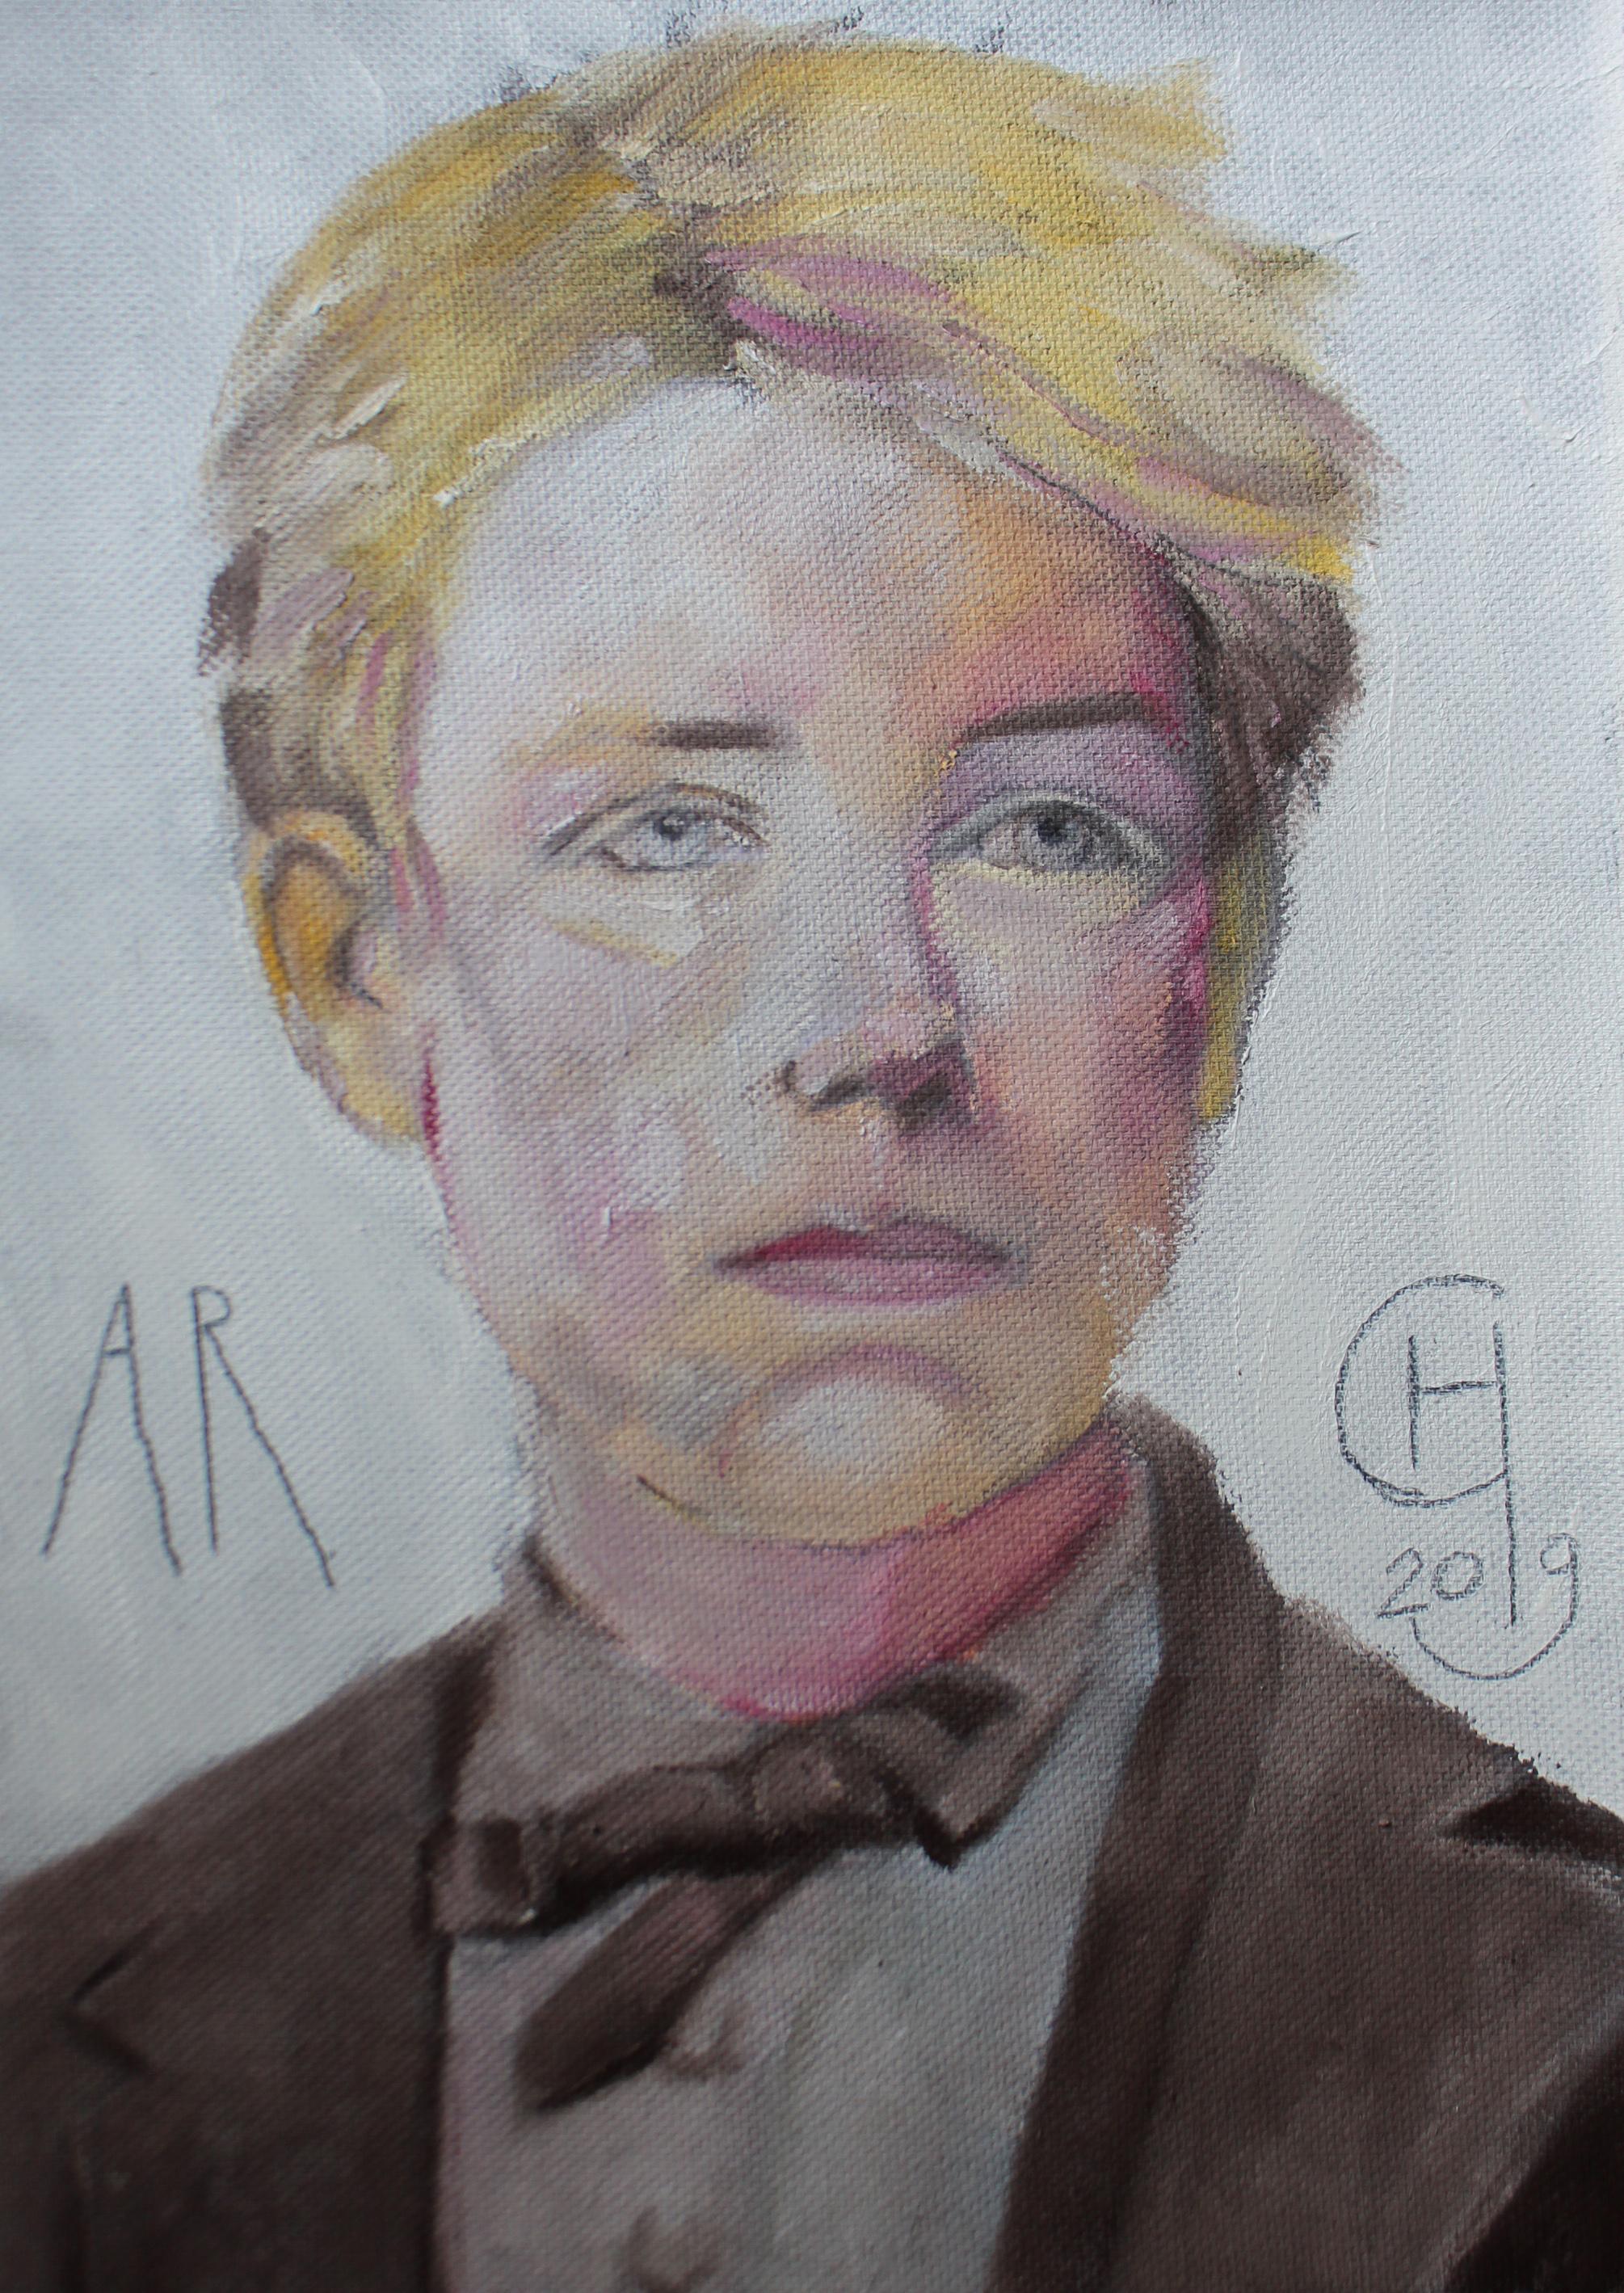 Arthur_Rimbaud_-_Grégory_Huck